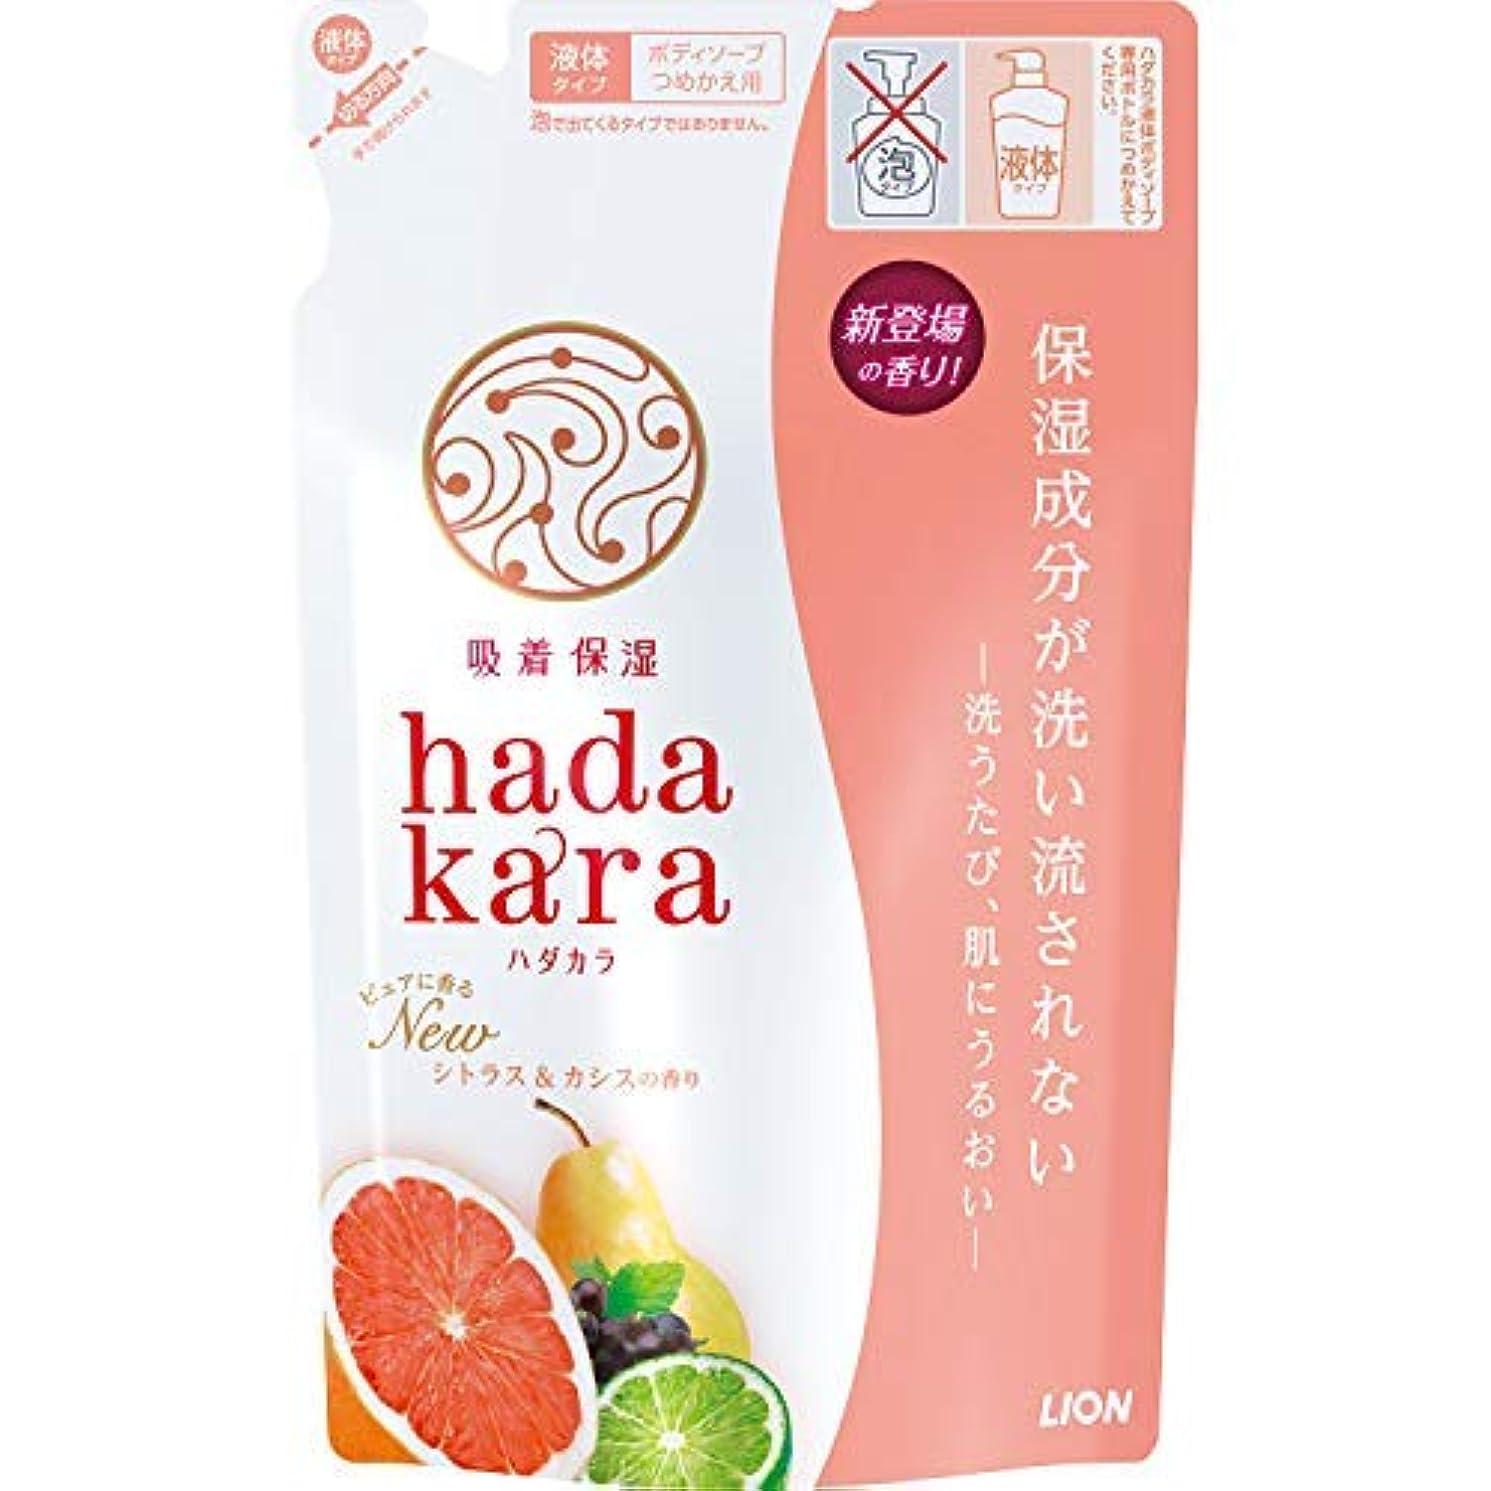 採用するレイアウト豊かにするhadakara(ハダカラ)ボディソープ シトラス&カシスの香り 詰替え用 360ml × 16個セット